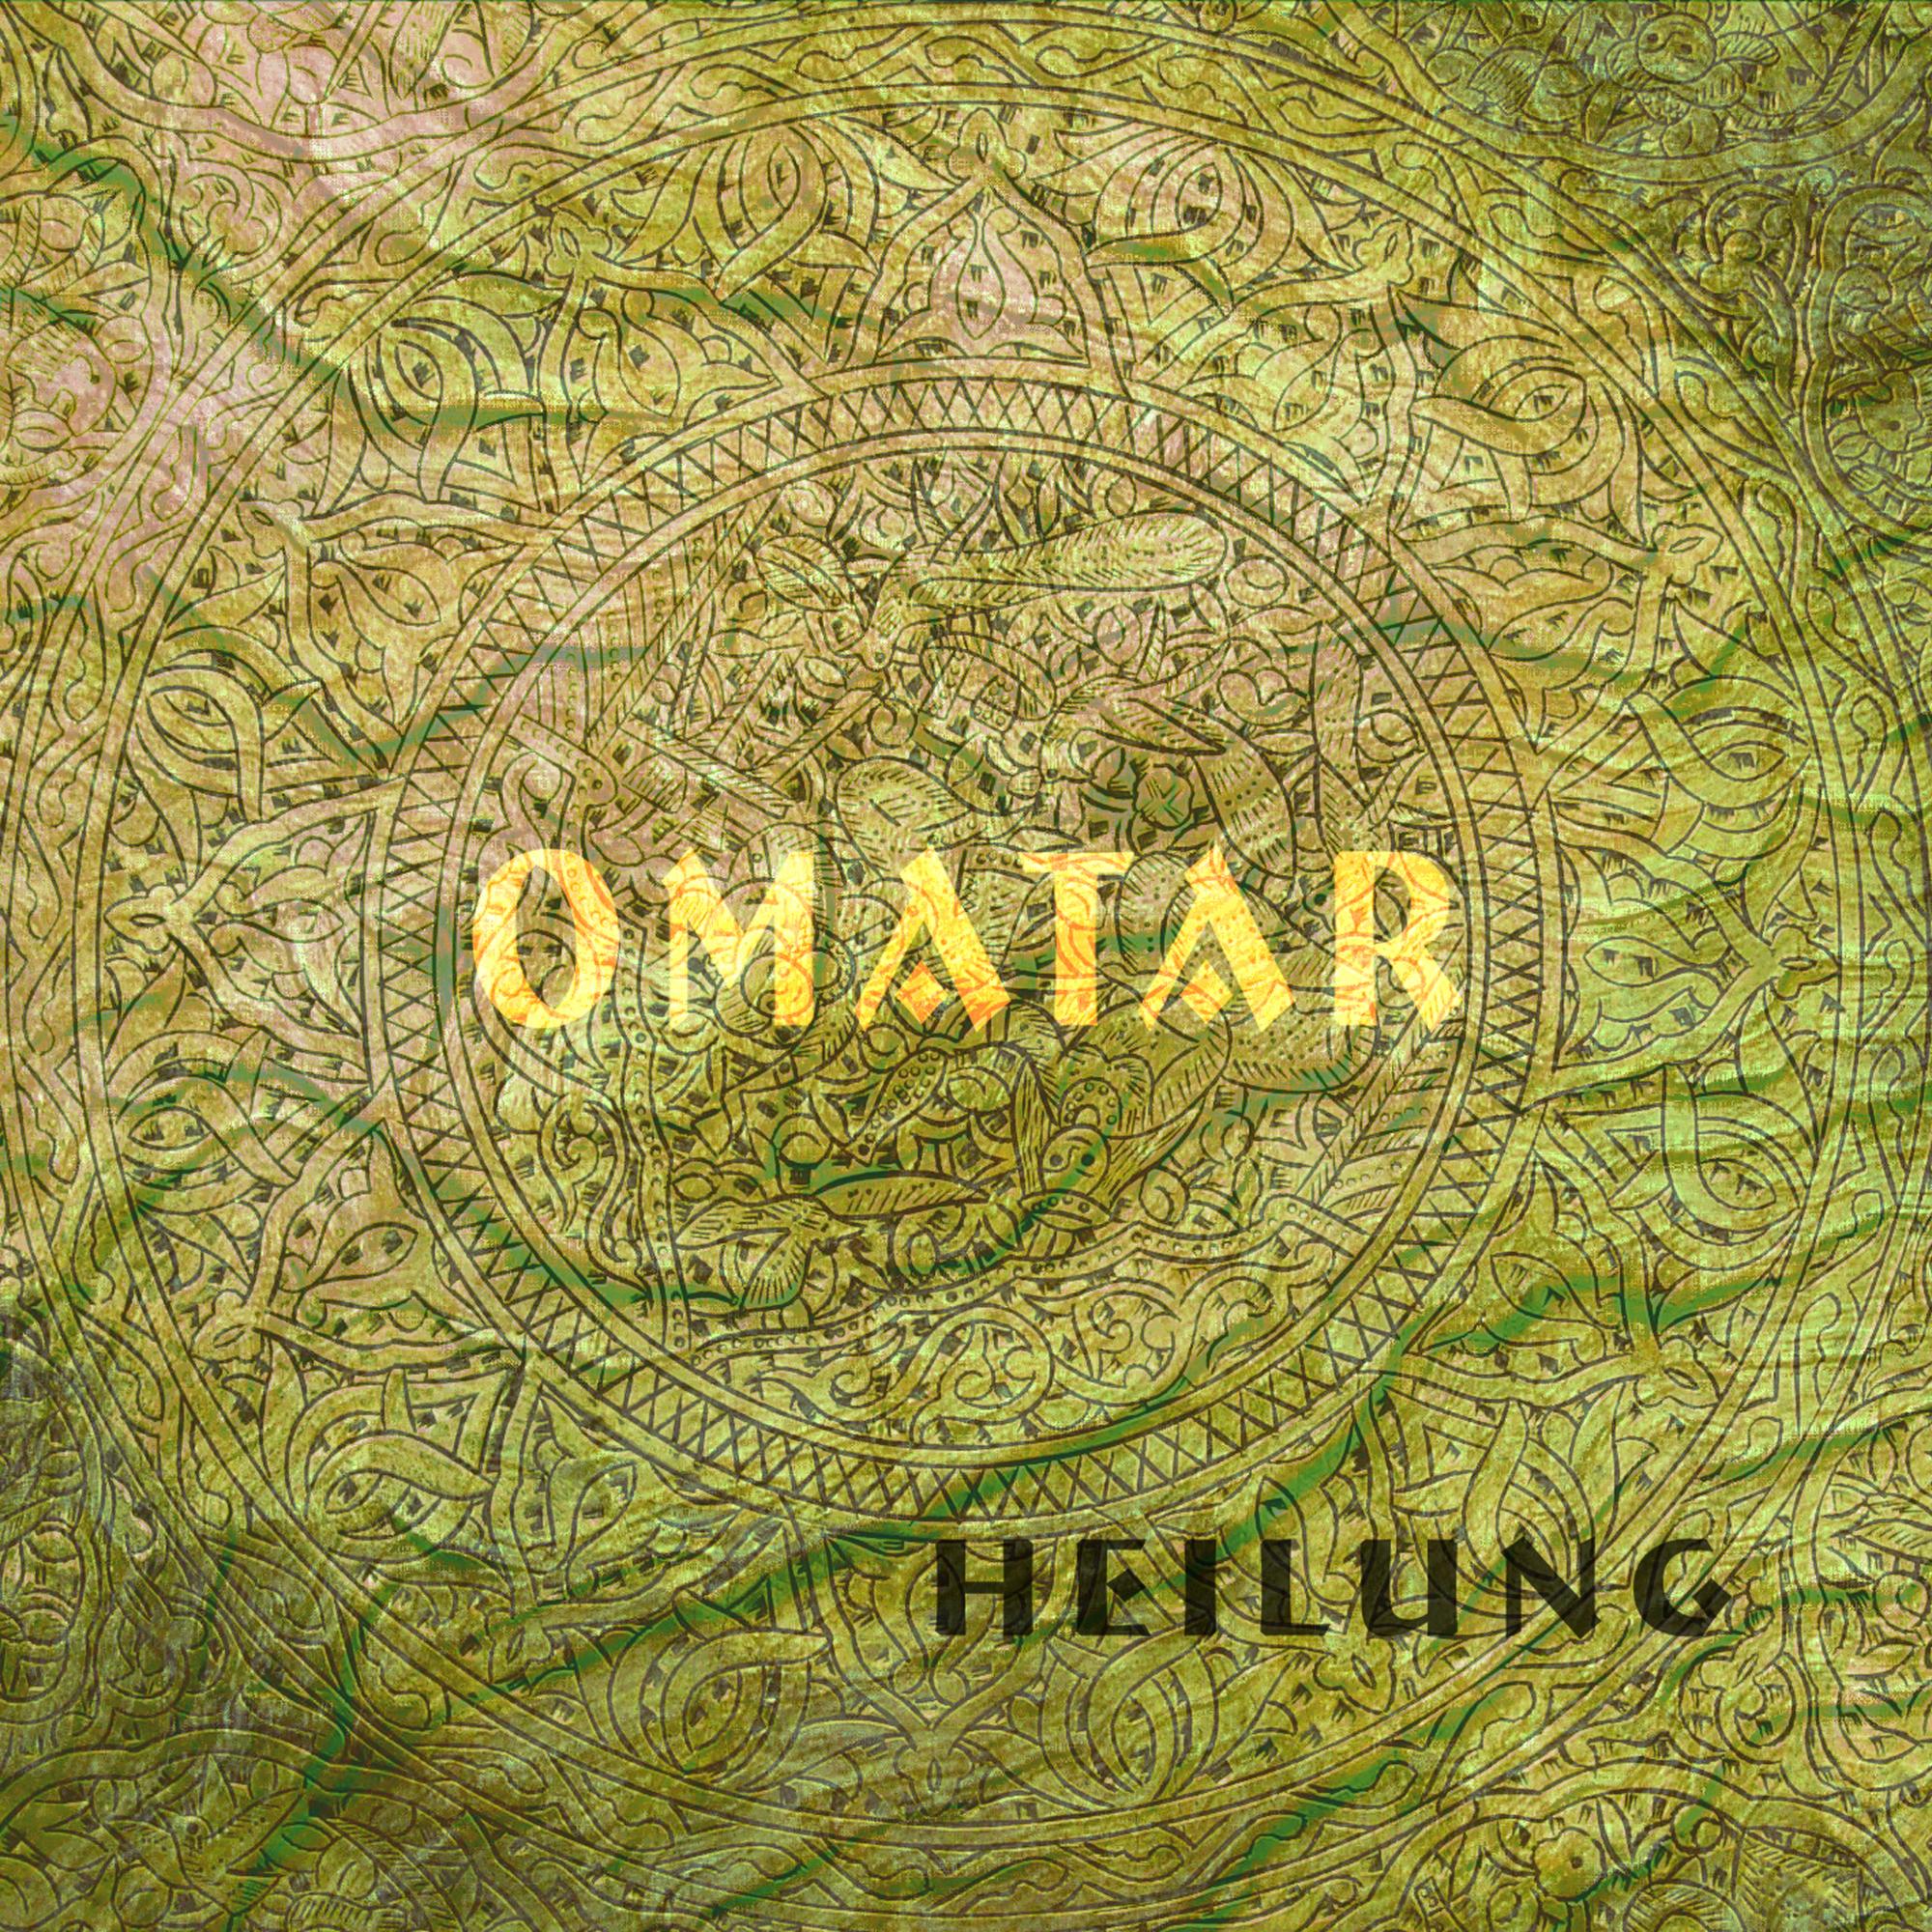 Omatar-Heilung